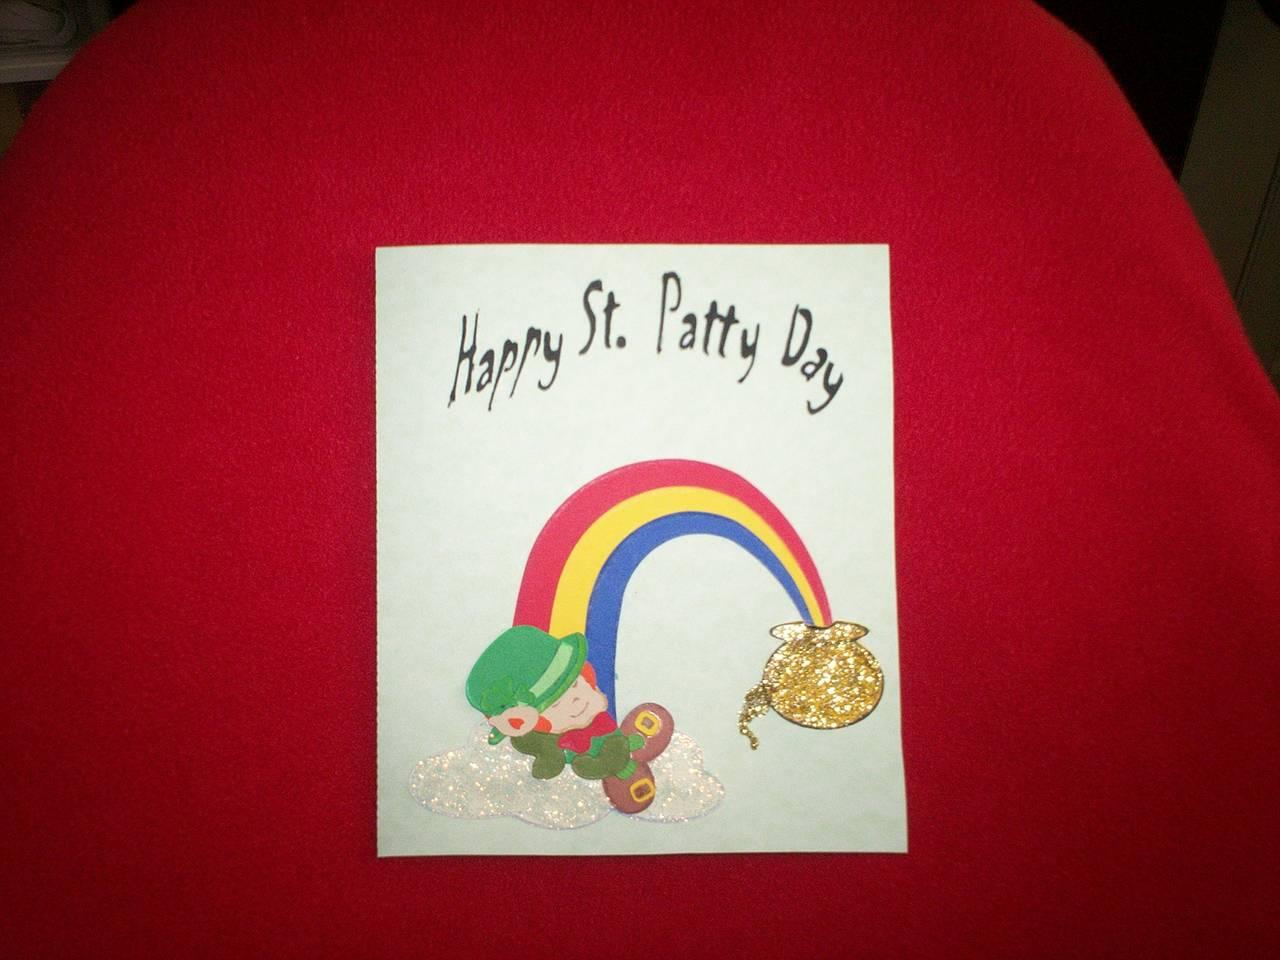 St Patty Day